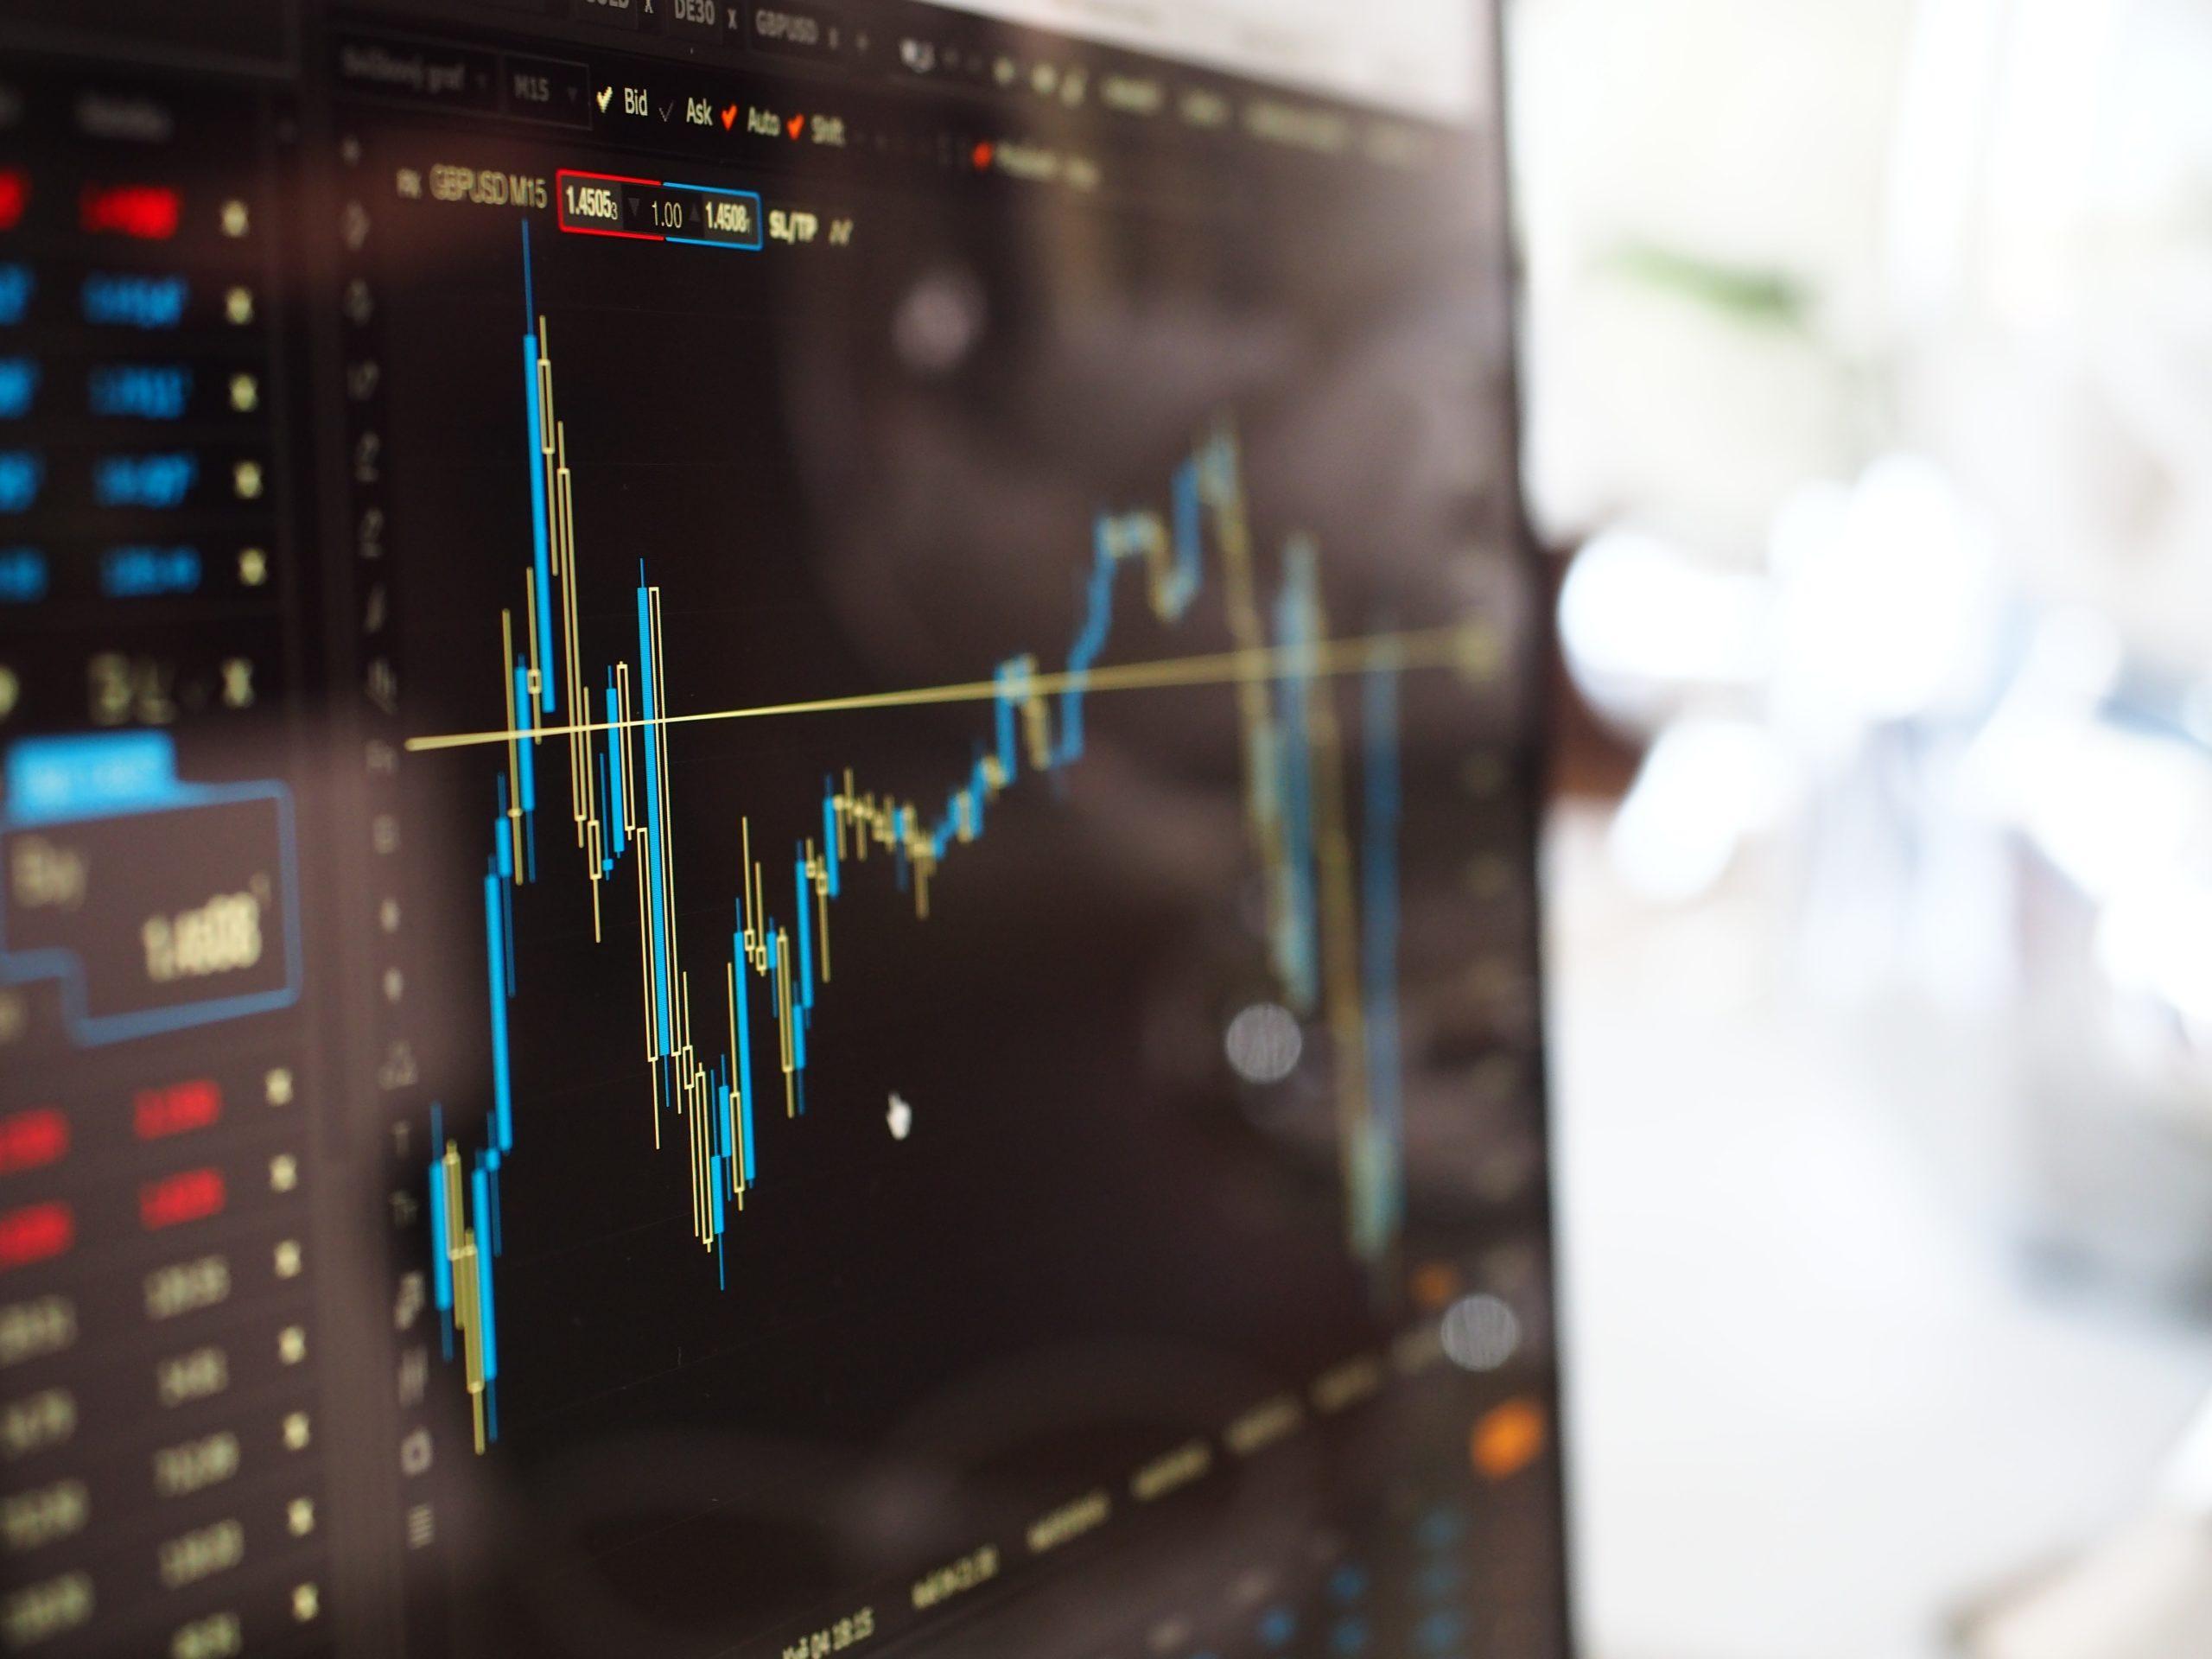 Объем госдоли в суммарном выпуске акций за неделю снизился на 7,5%